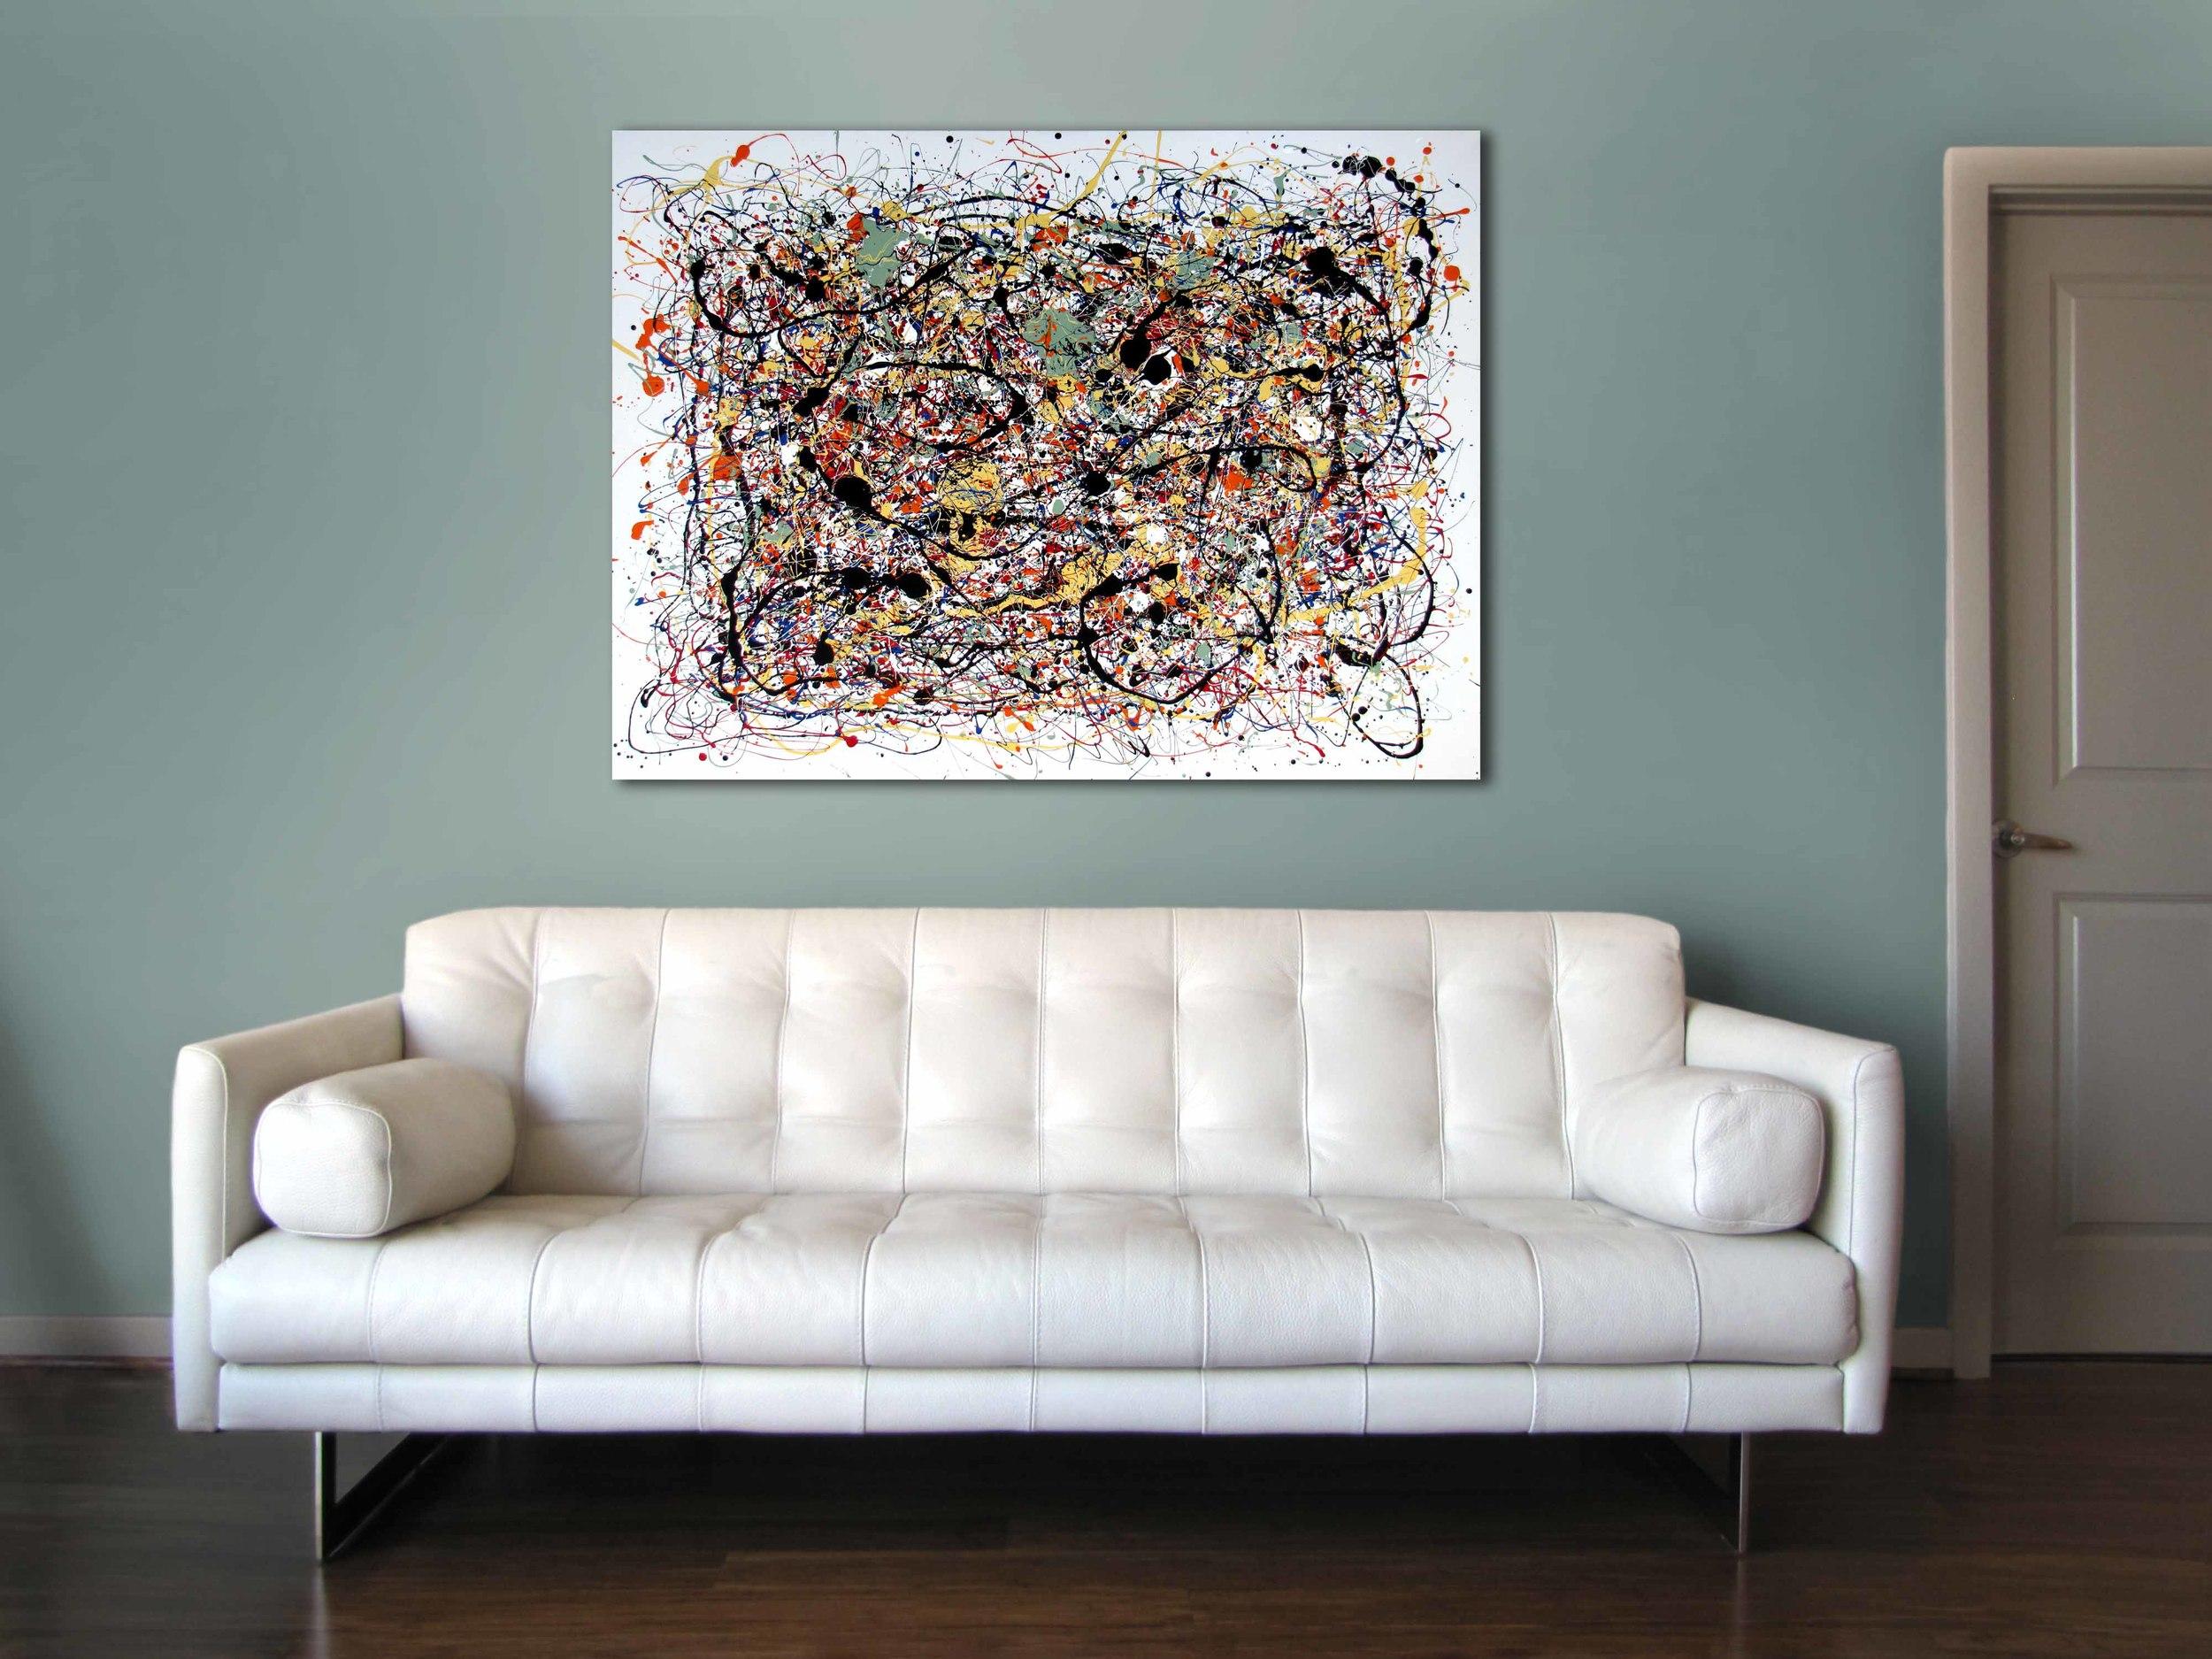 Sofa Wall I am neutral sea green.jpg